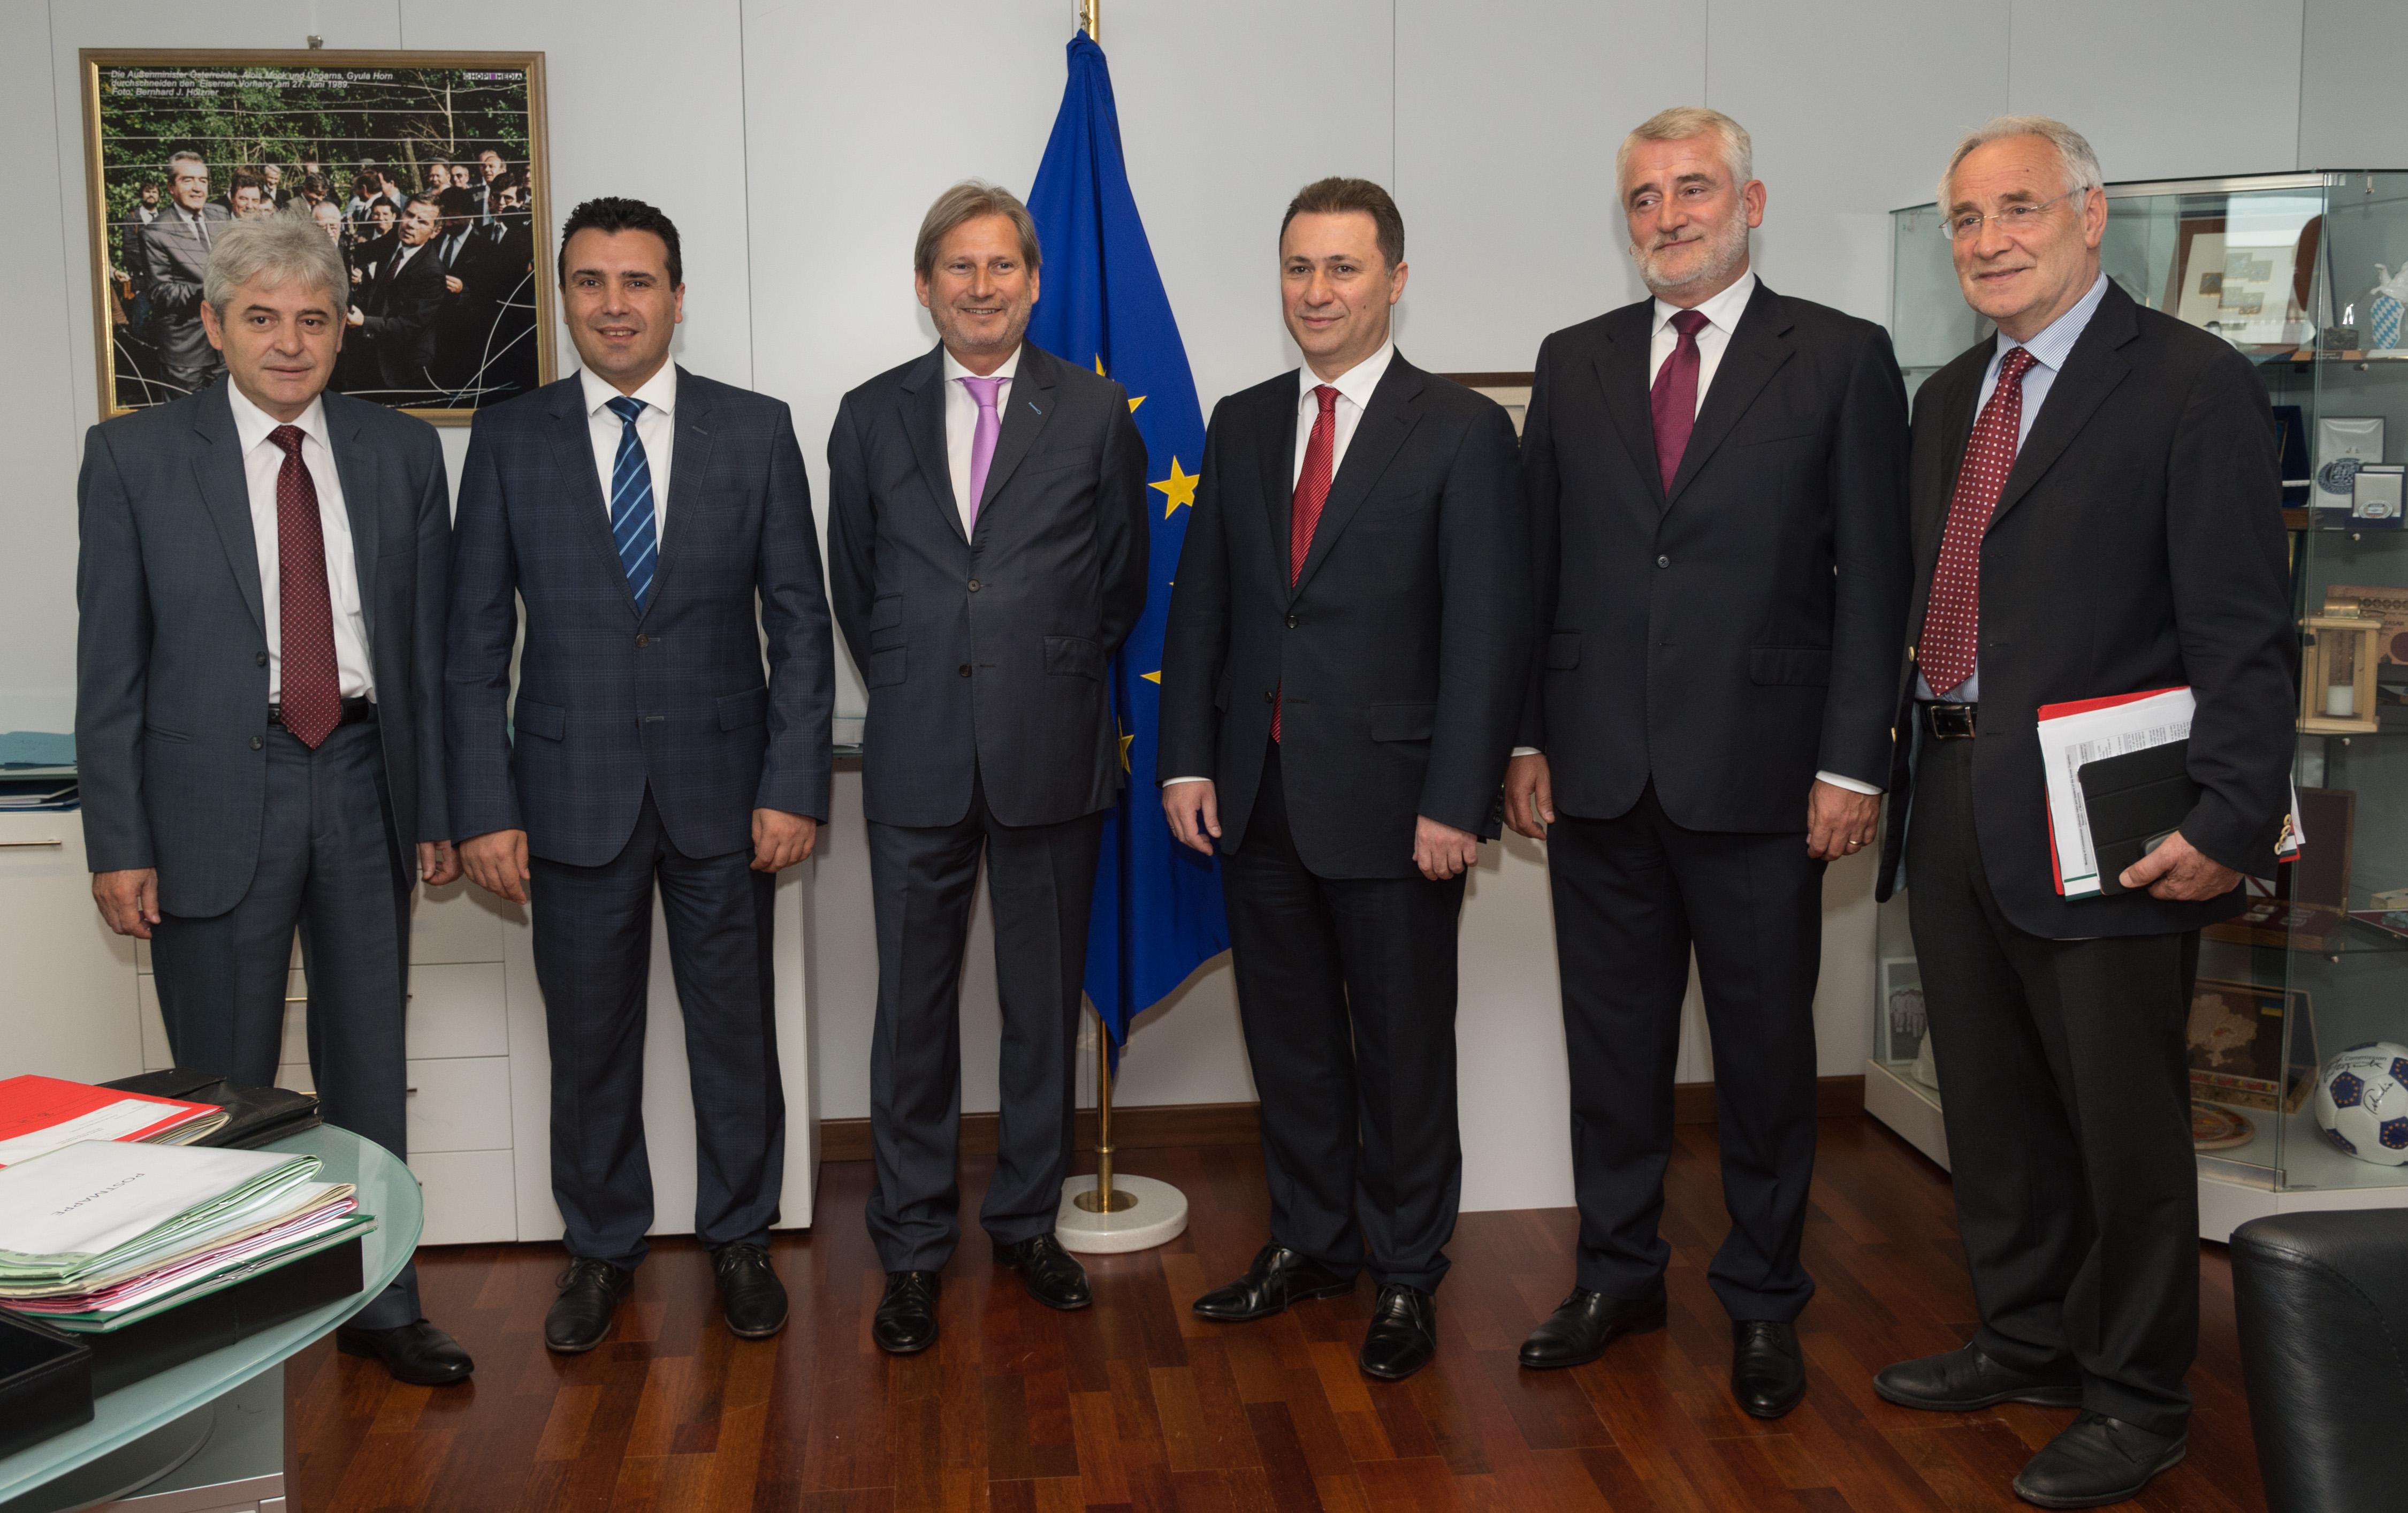 Груевски и Заев со меѓусебни обвинувања за неуспехот на разговорите во Брисел